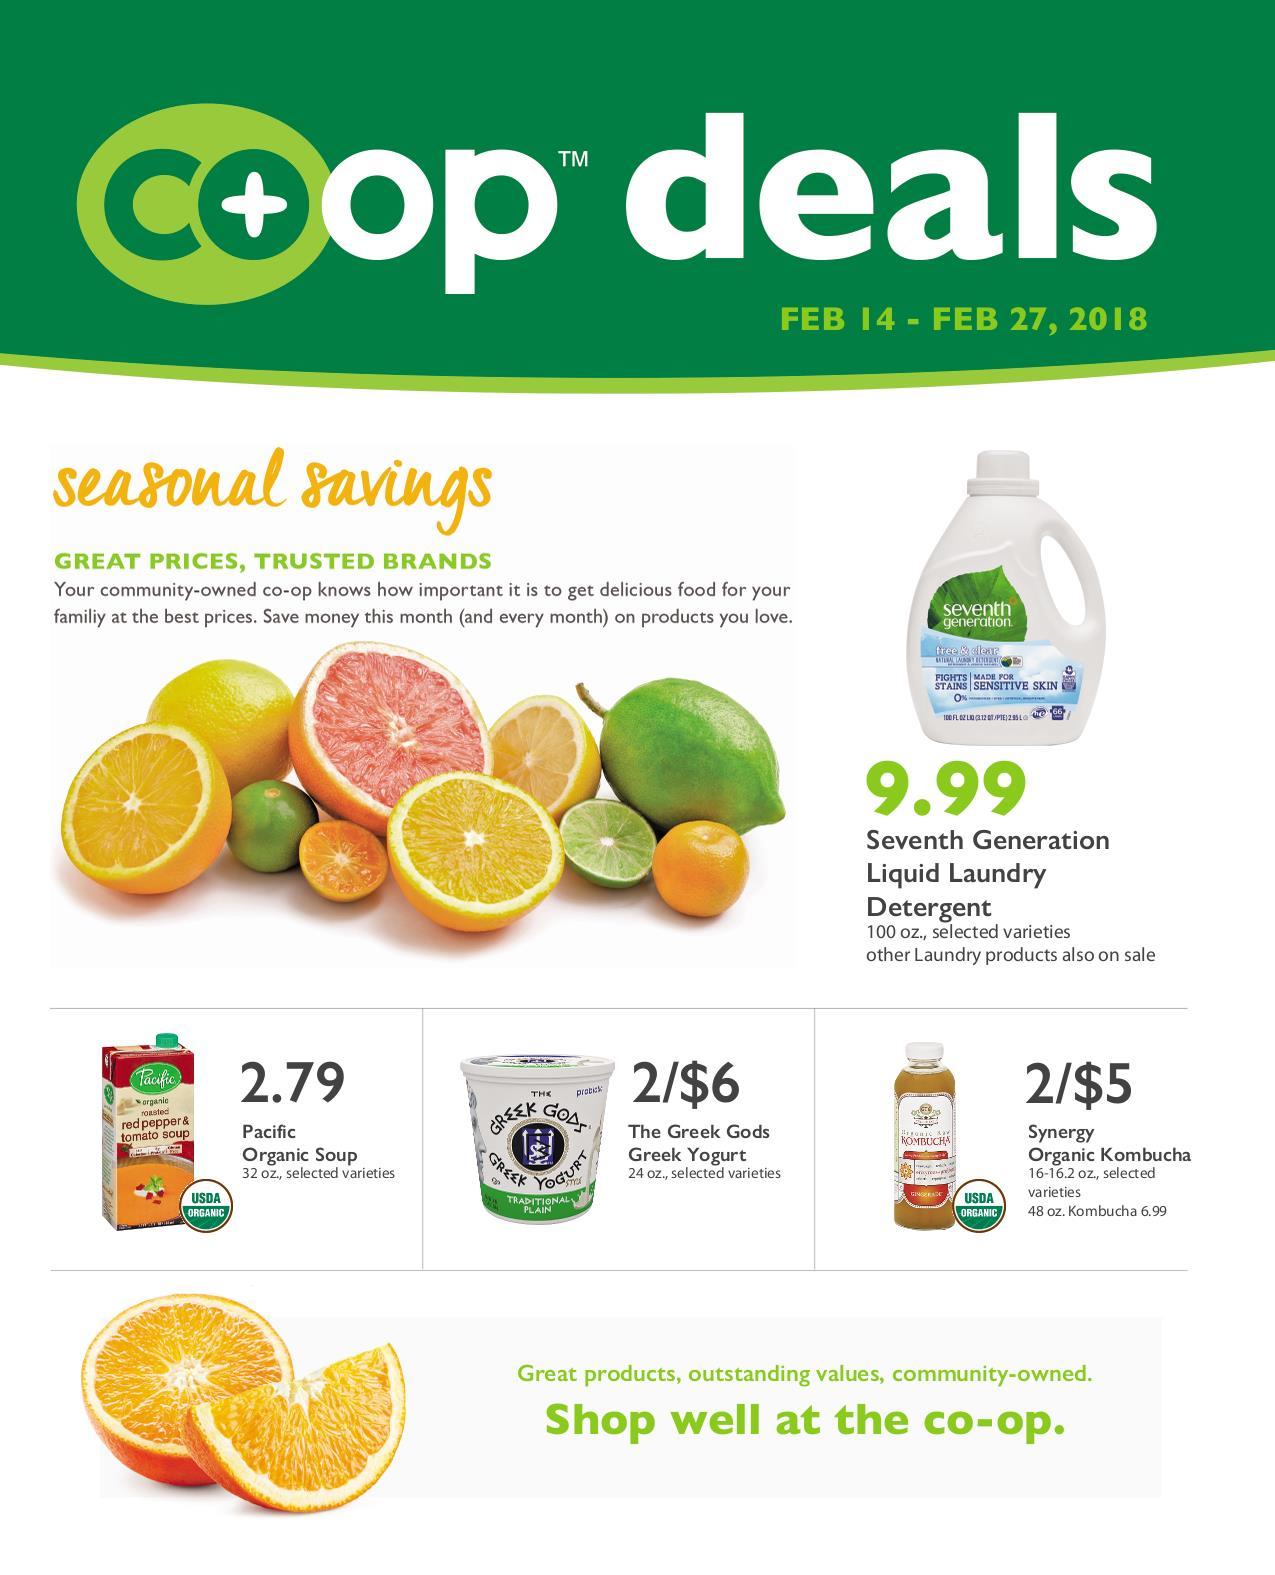 First Alternative Co-op Deals February 14-27